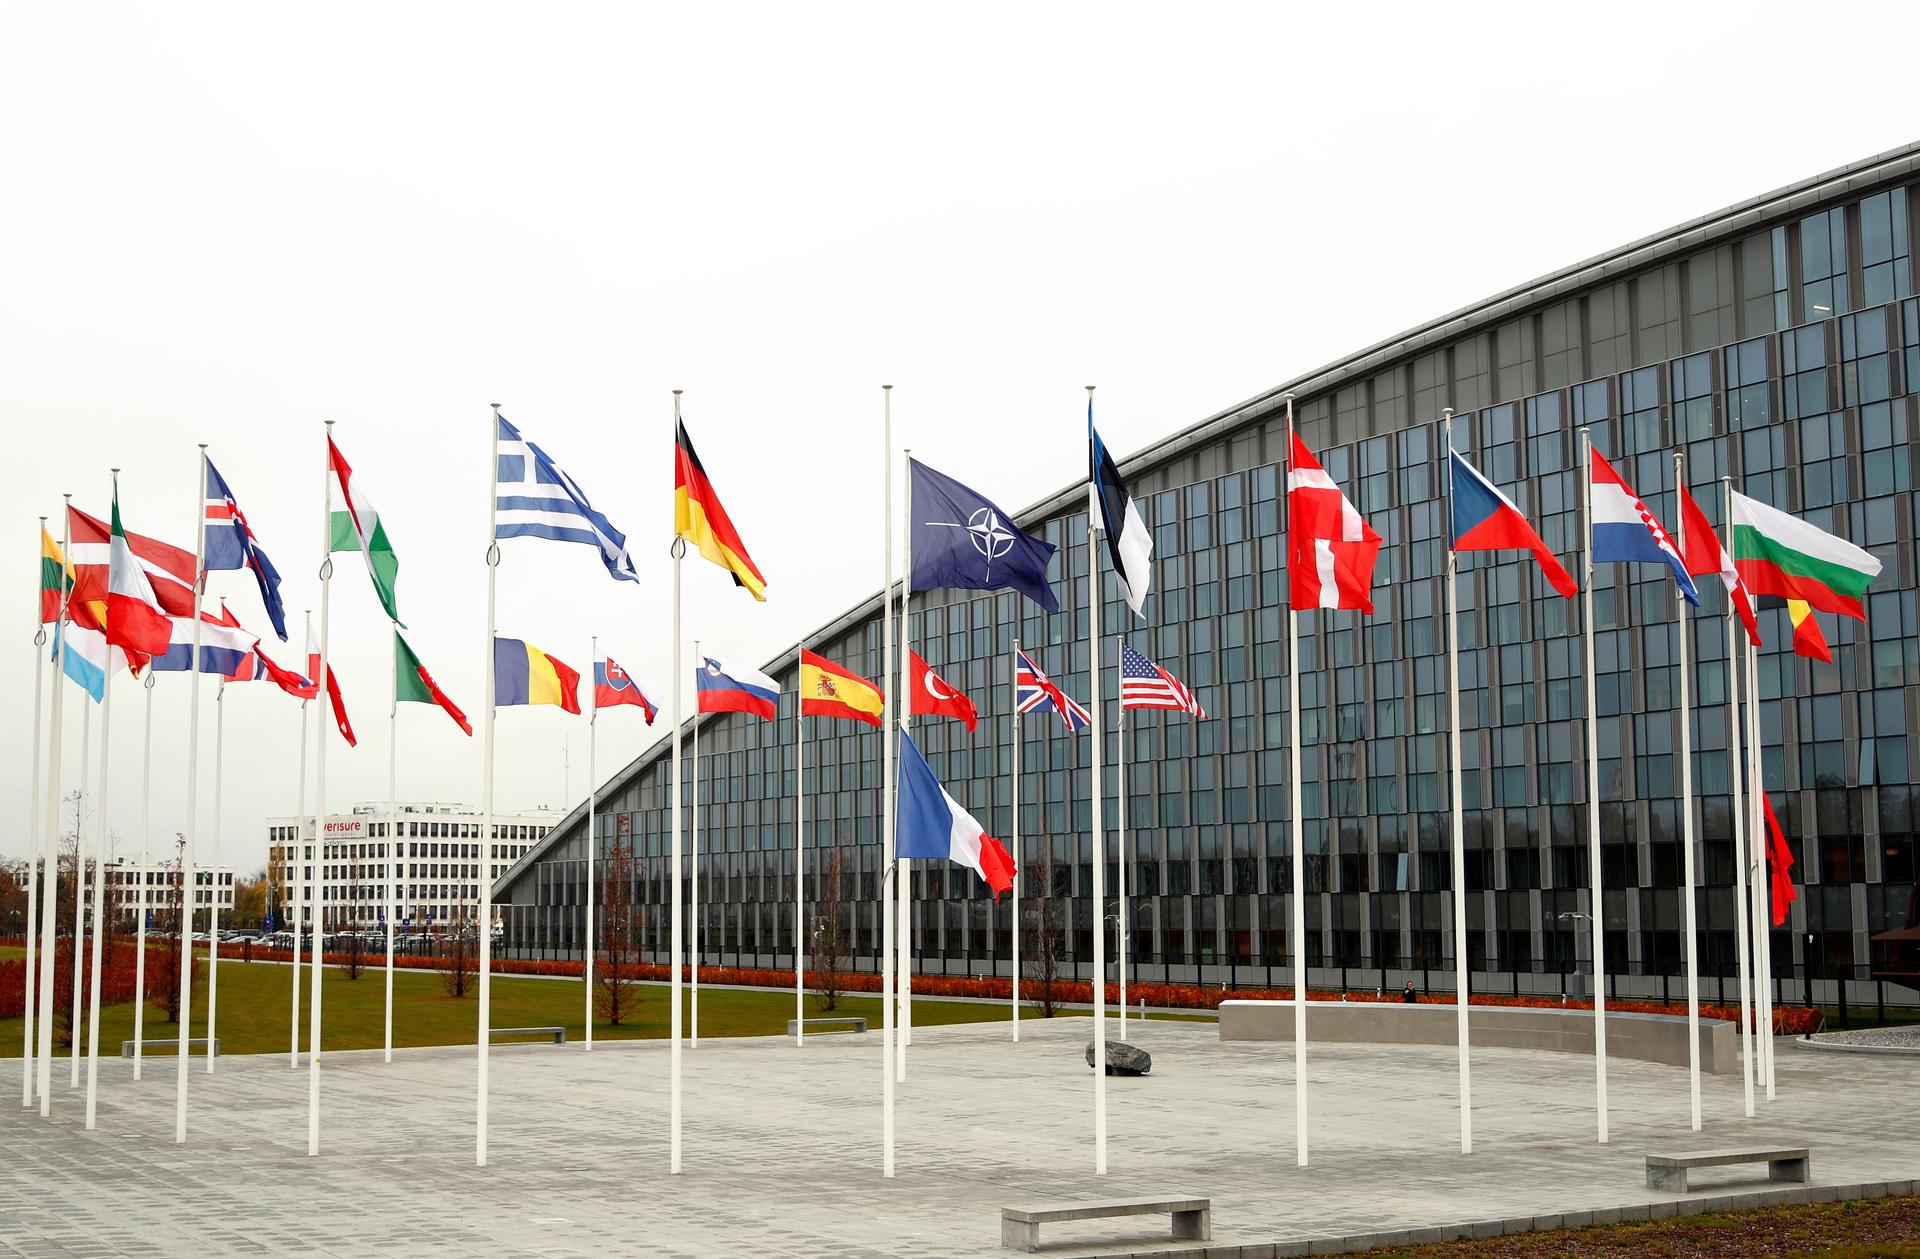 «Не составляем списки противников»: почему генсек НАТО отказался называть Россию врагом